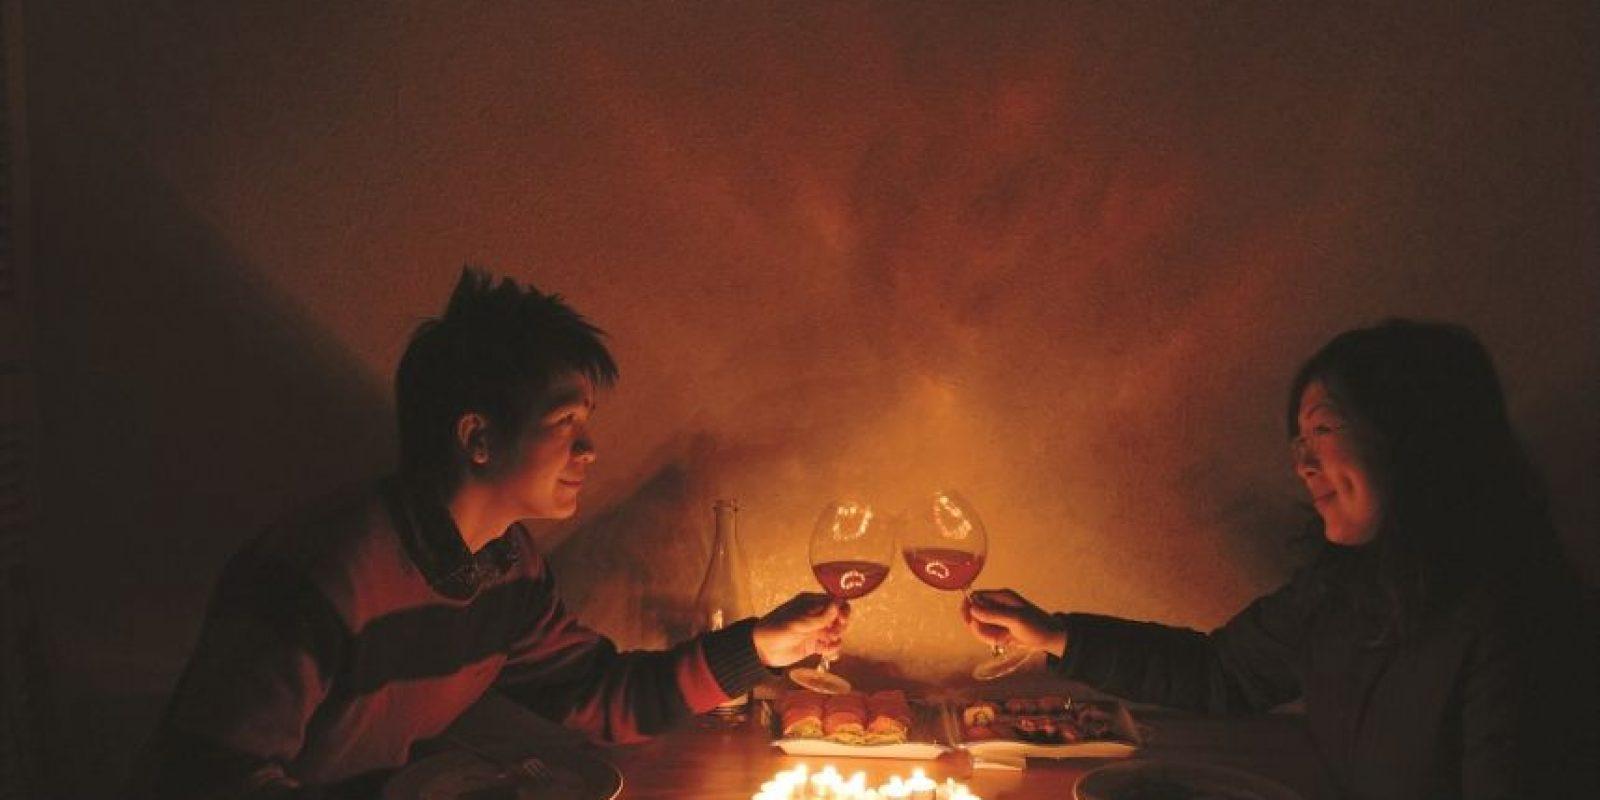 6- Mejor regalo. Cena romántica. Si lo haces bien, una cena puede ser lo máximo para sellar la intimidad amorosa. Además, si eliges bien los platos afrodisíacos (ostras, espárragos y chocolate), el postre bien podría ser un poquito más dulce. Foto:Flickr creative commons